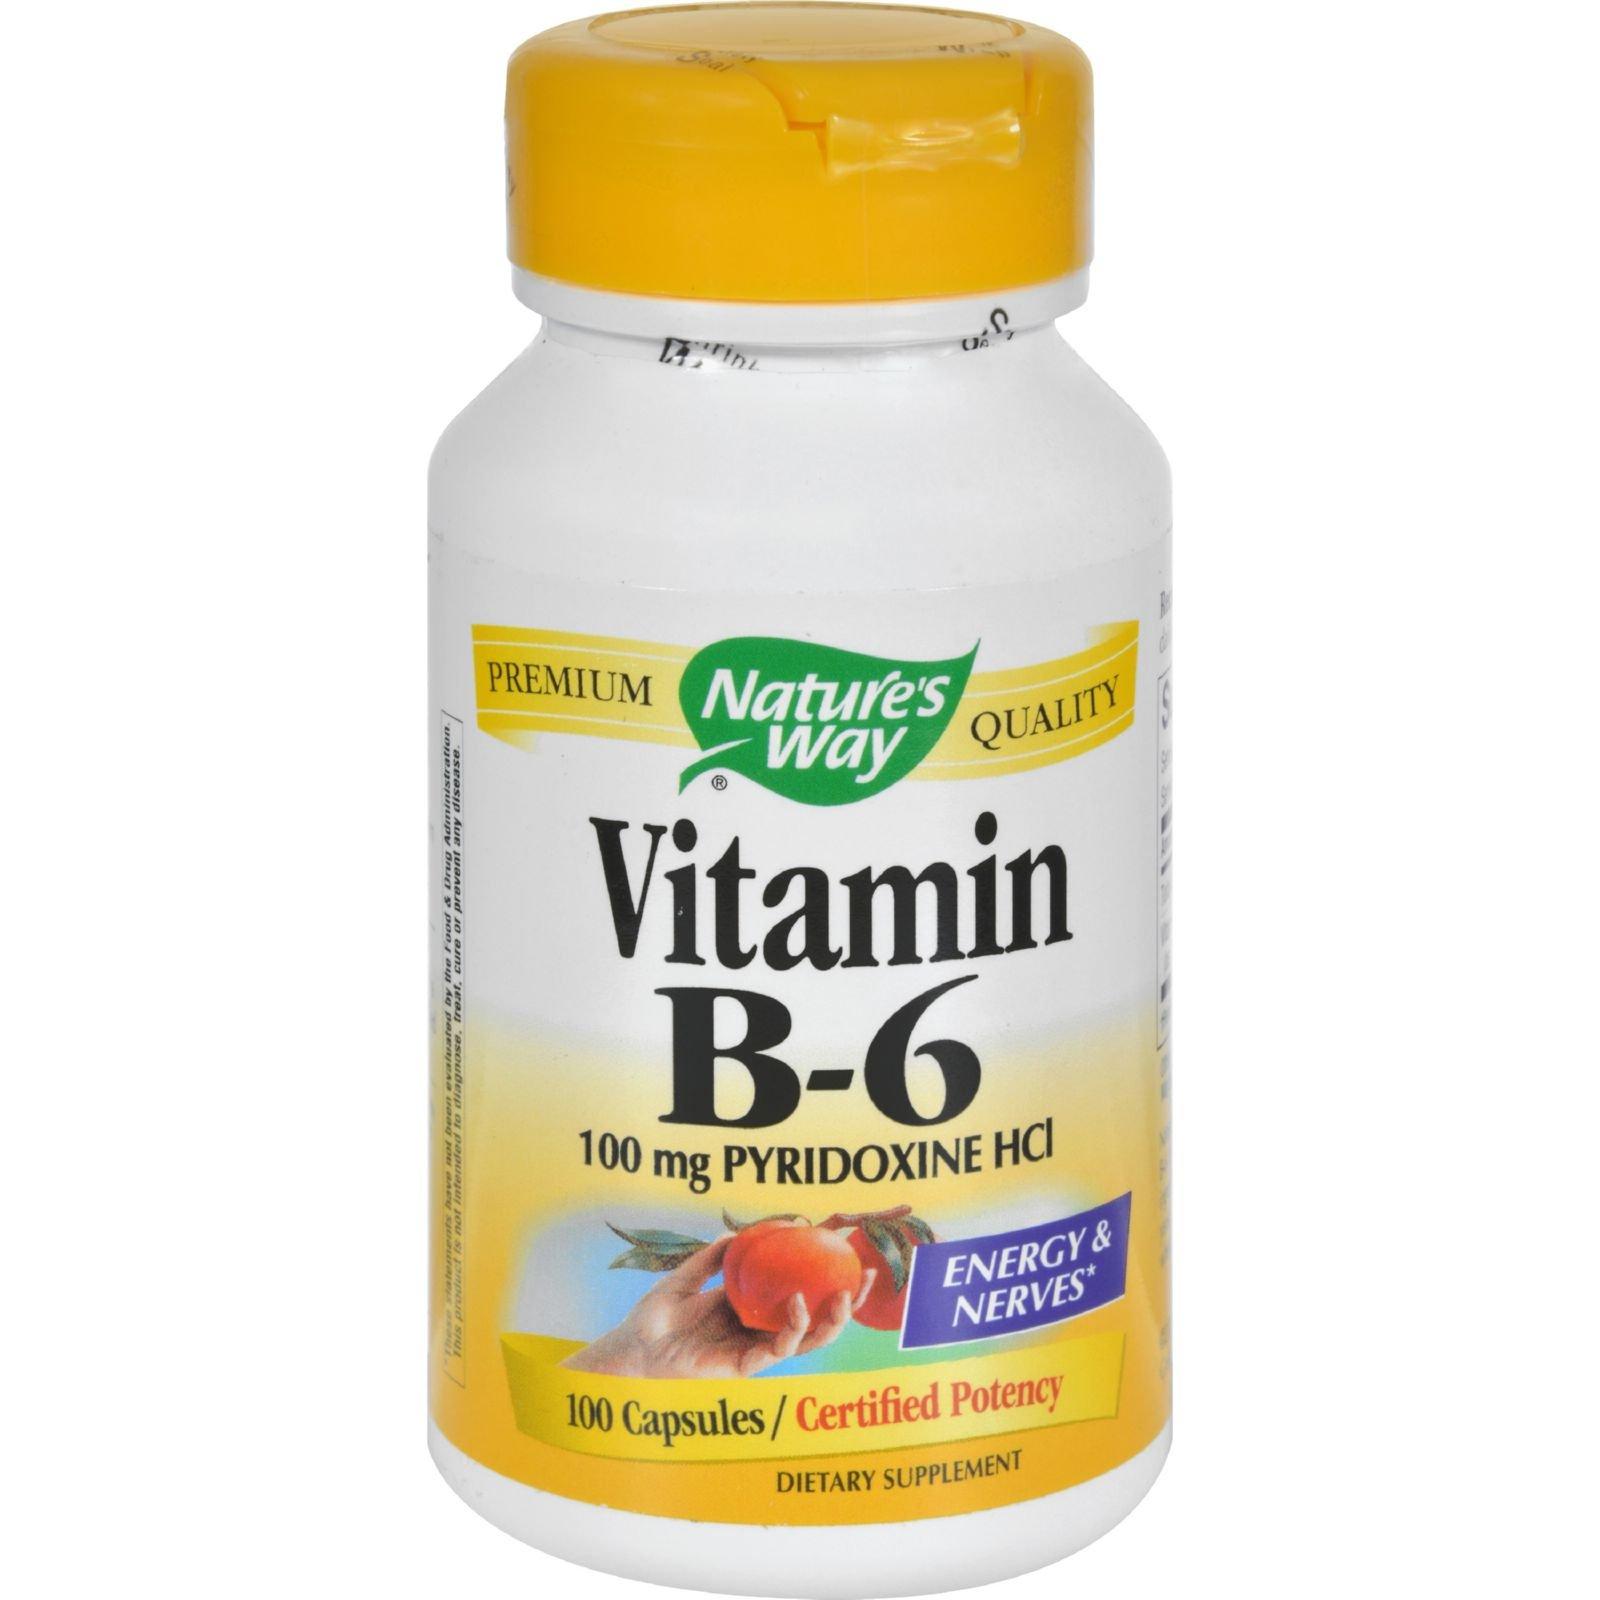 2Pack! Nature's Way Vitamin B-6 - 100 mg - 100 Capsules